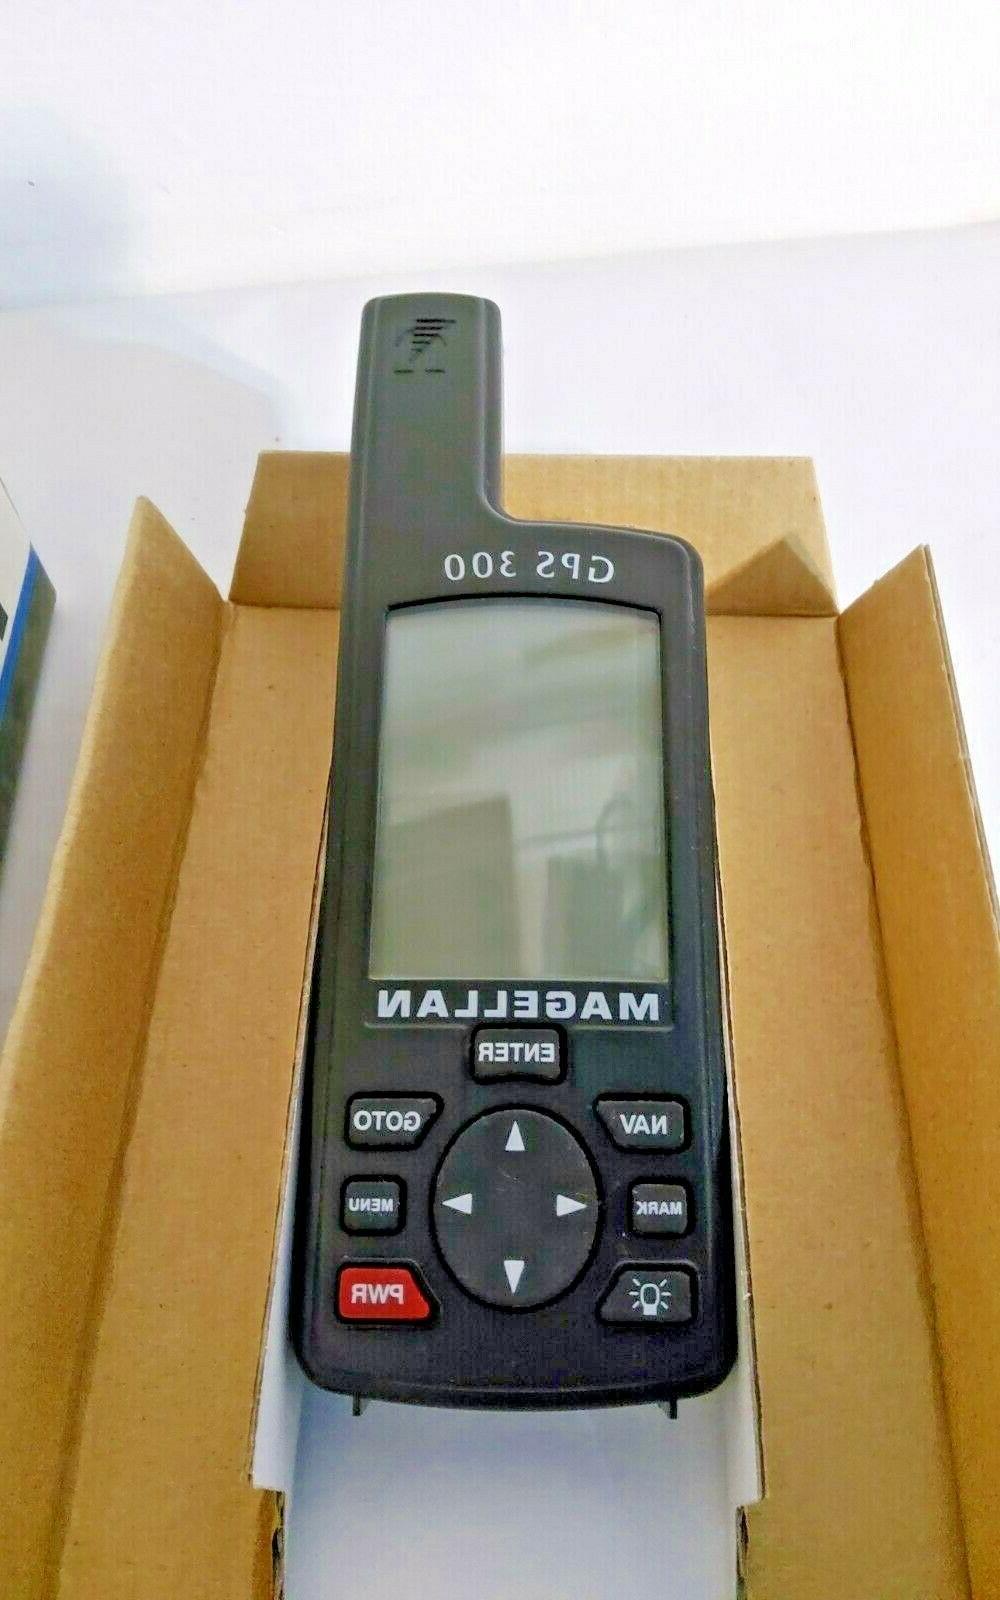 Magellan GPS Satellite Navigator Unit